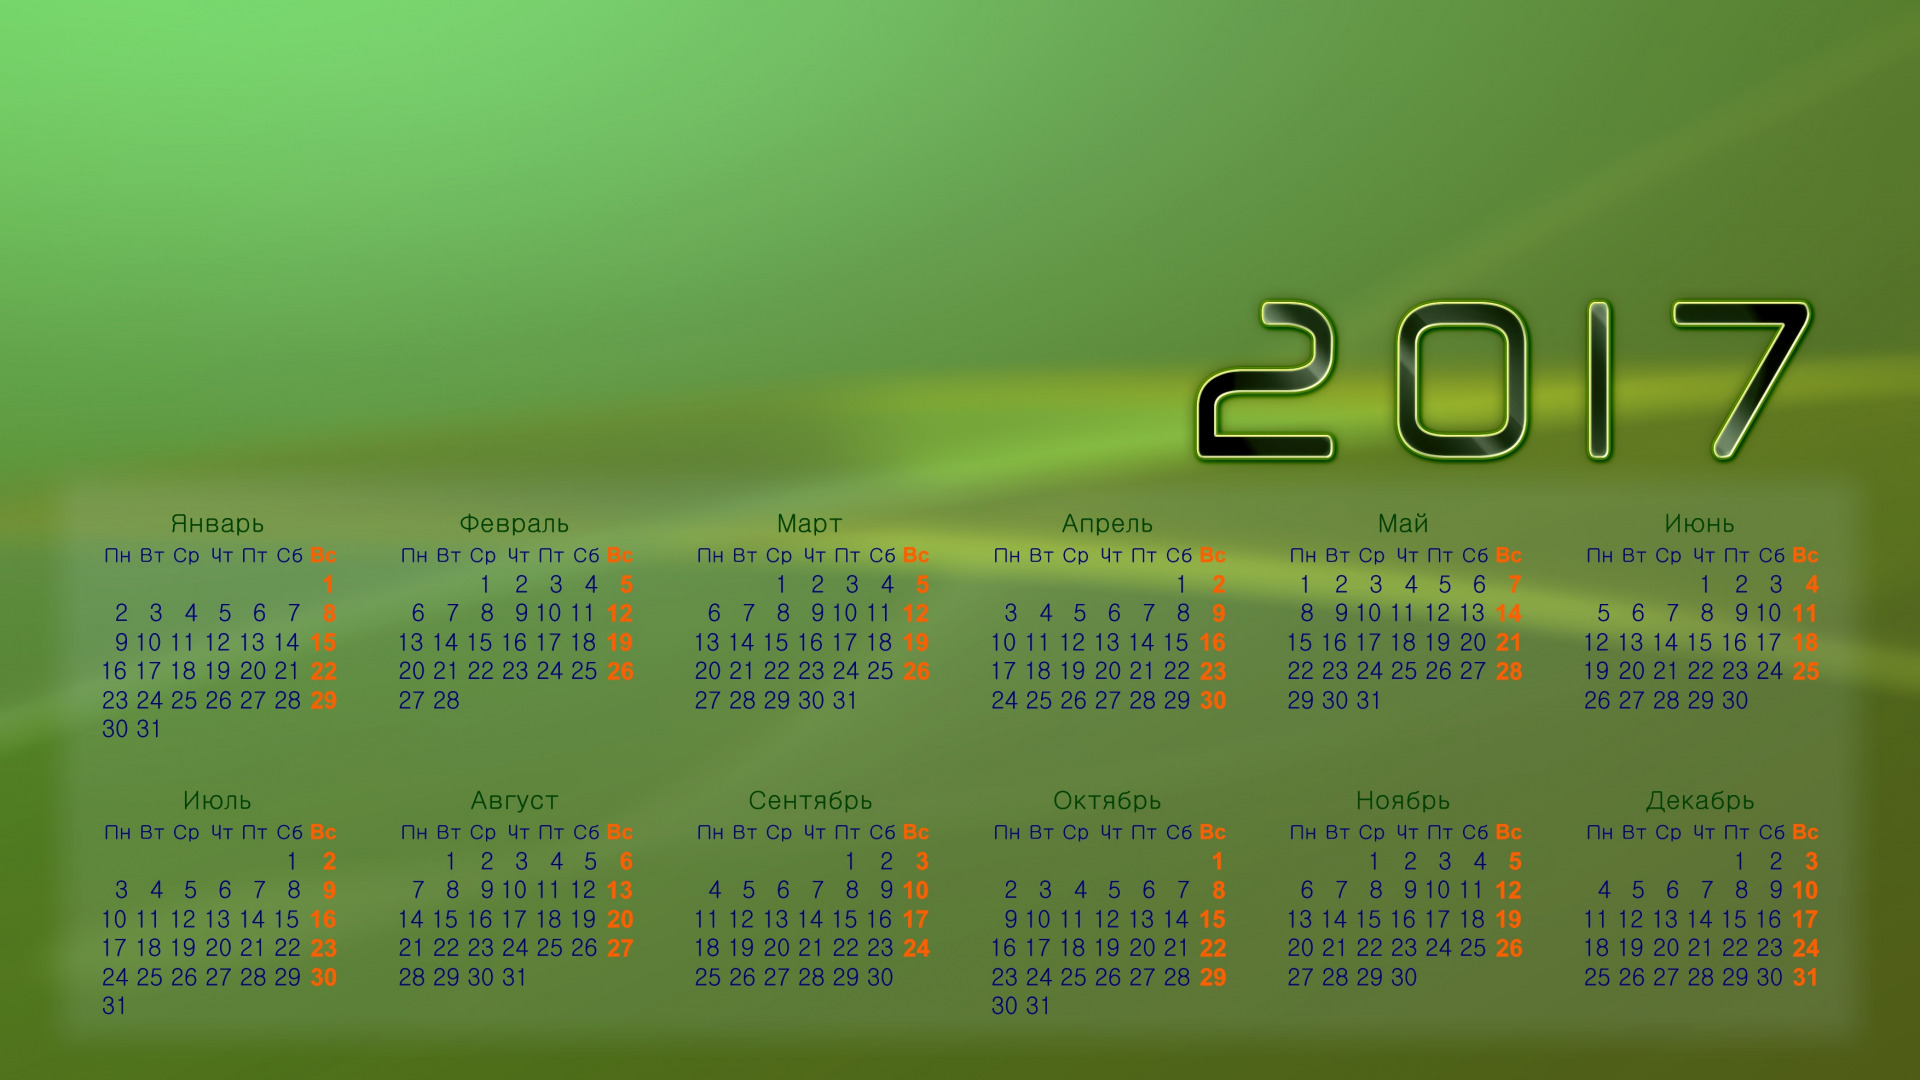 Обои для рабочего стола с календарем 2017